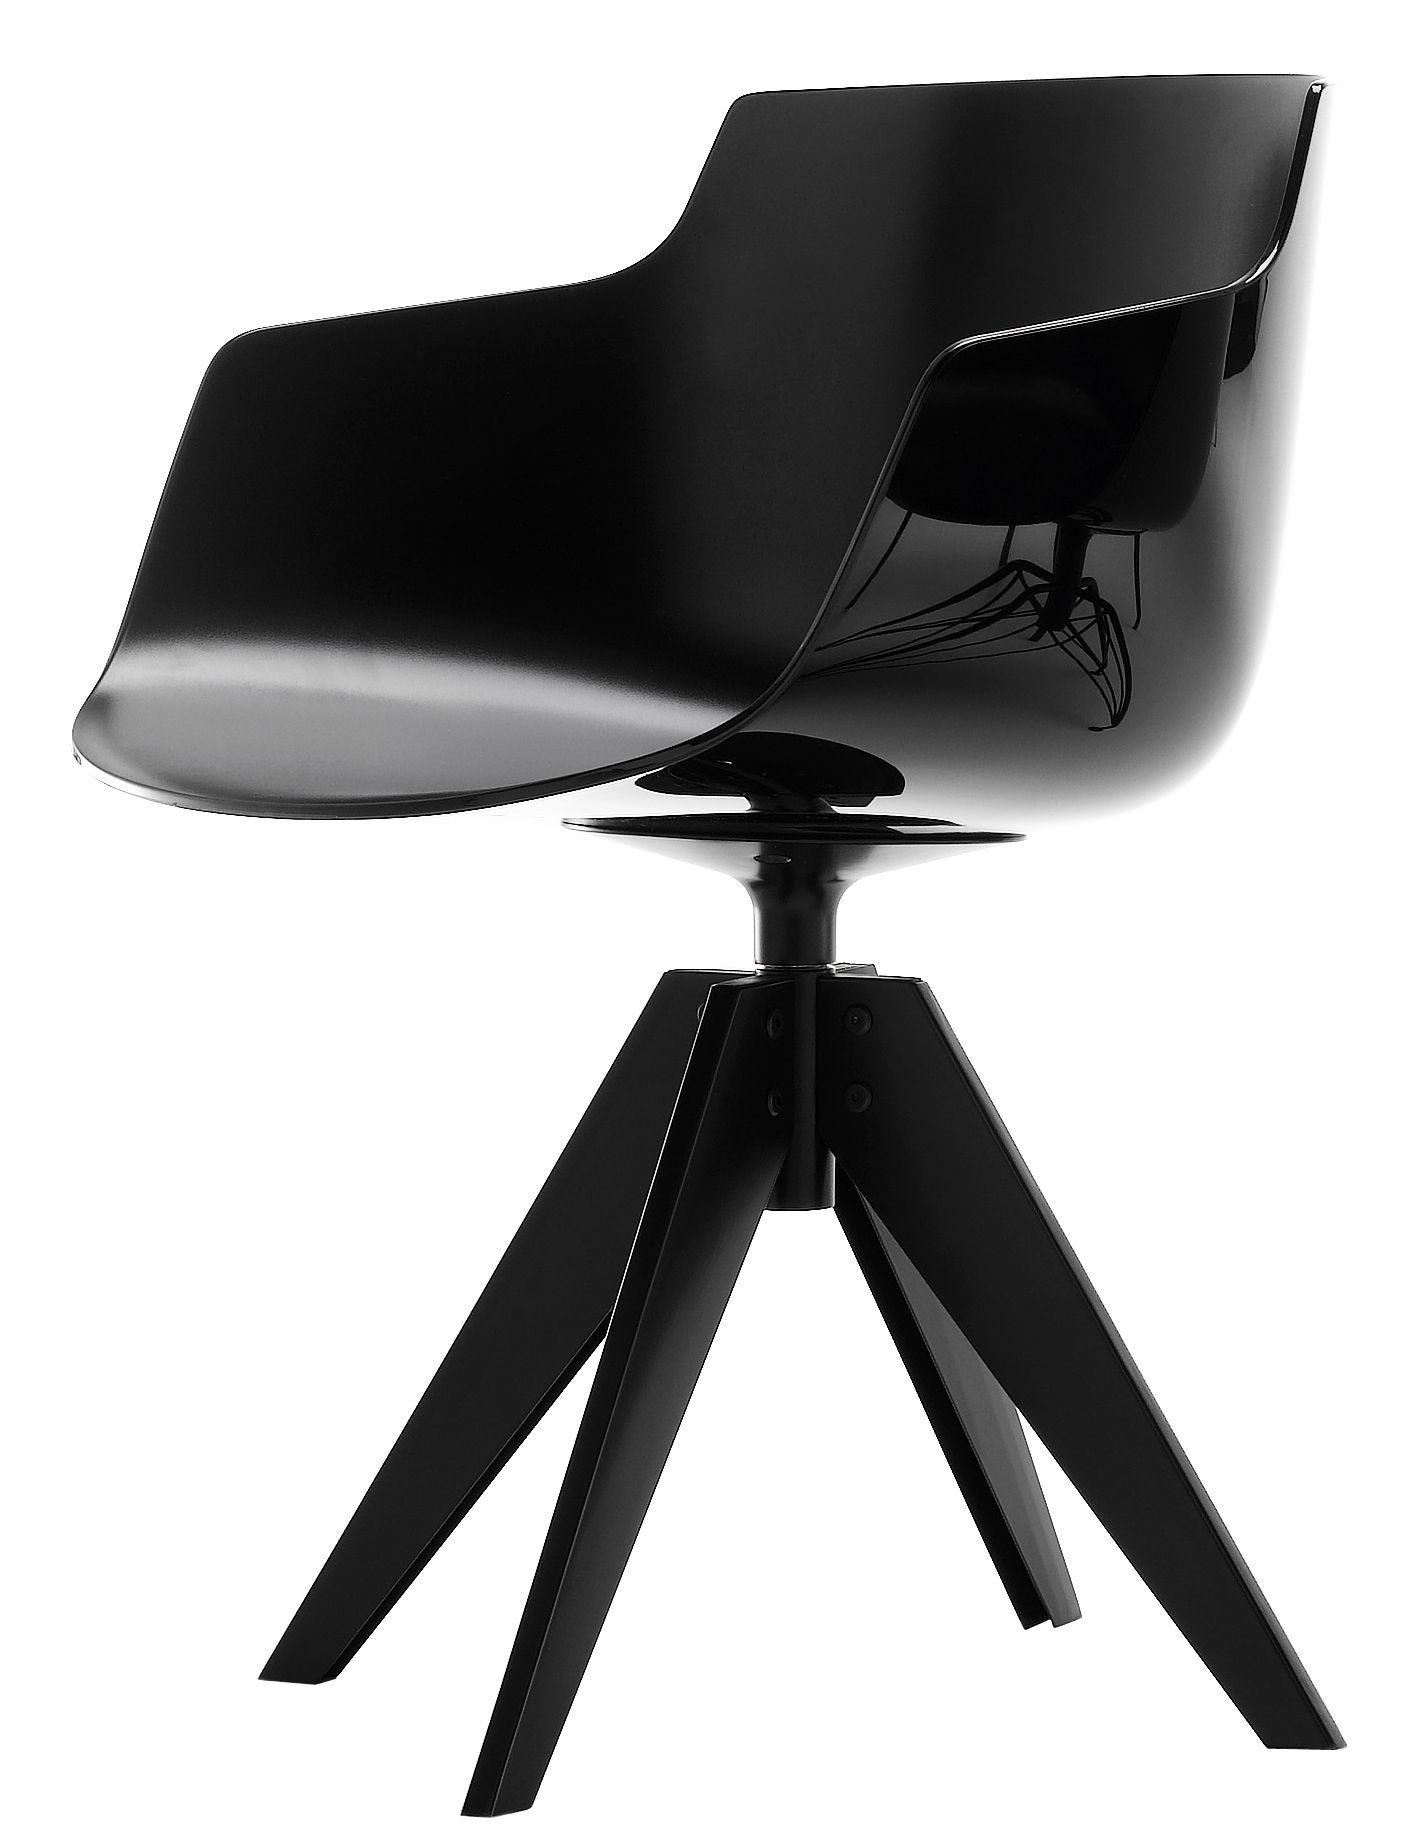 Mobilier - Chaises, fauteuils de salle à manger - Fauteuil Flow Slim / 4 pieds VN acier - MDF Italia - Noir / Piètement graphite - Acier laqué, Polycarbonate